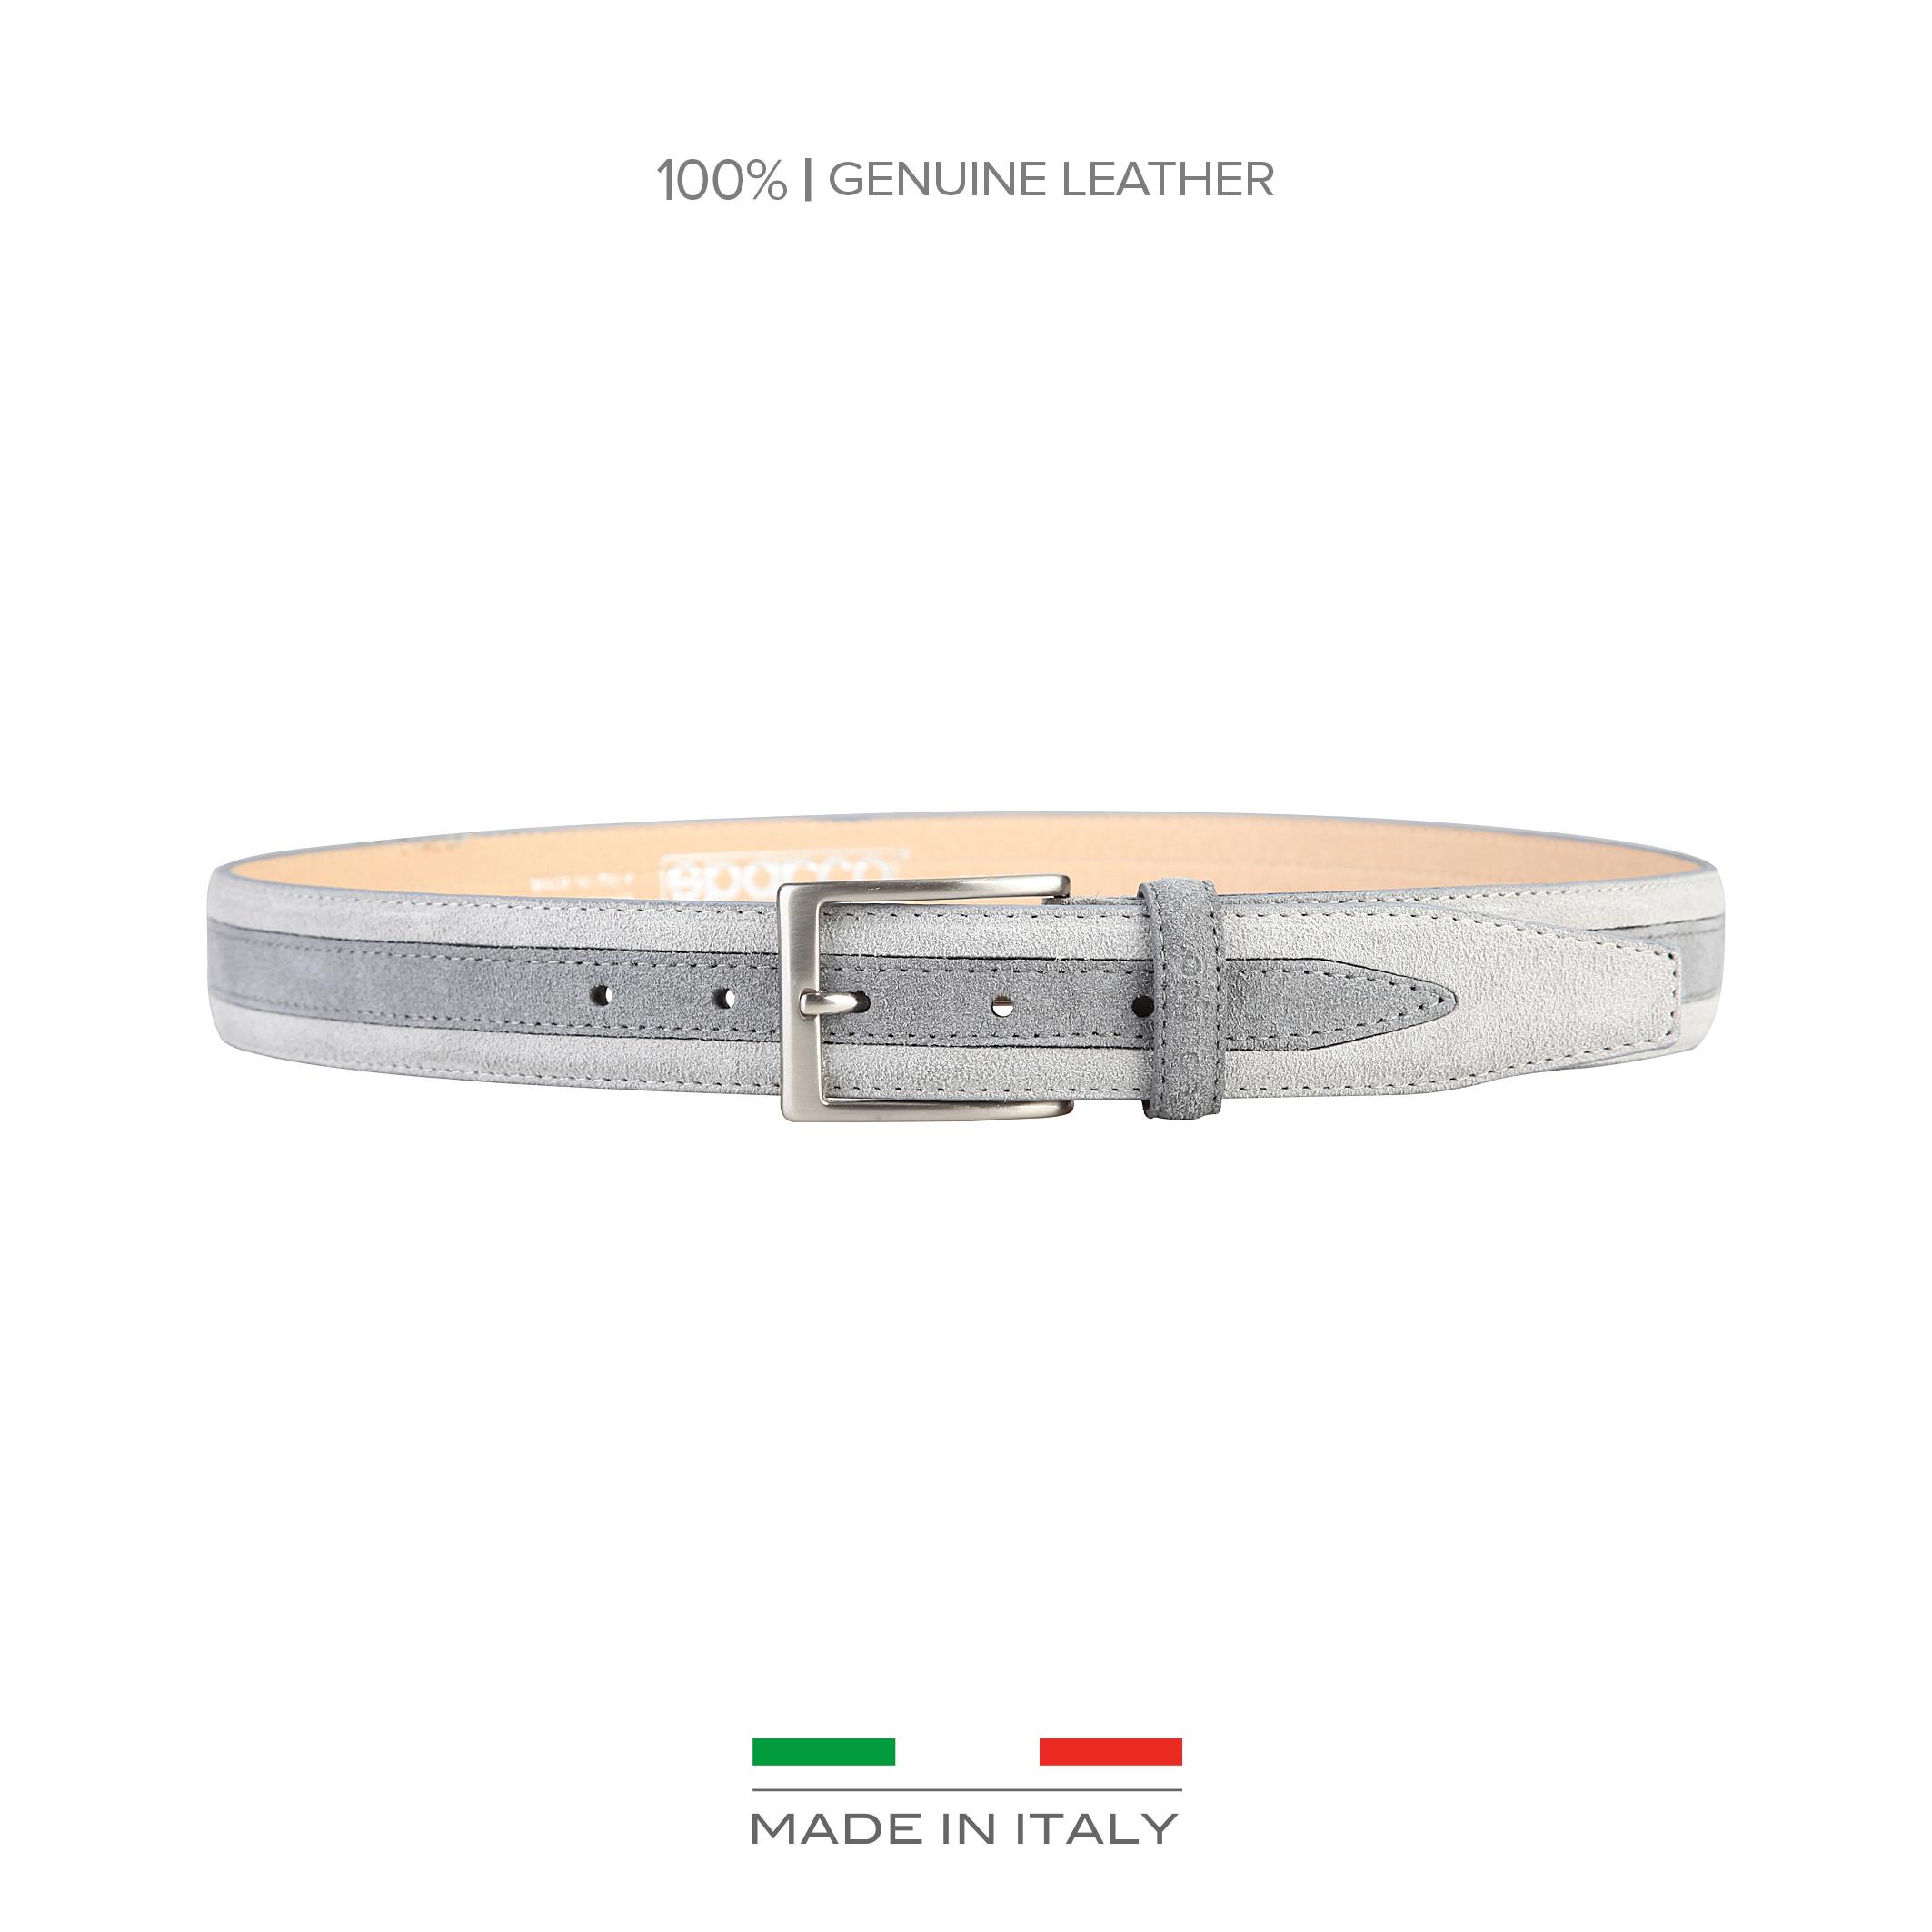 Cinturón Sparco   - 100% cuero verdadero gamuza   - ancho 3,5 cm   - un pasacinto   - logotipo en el